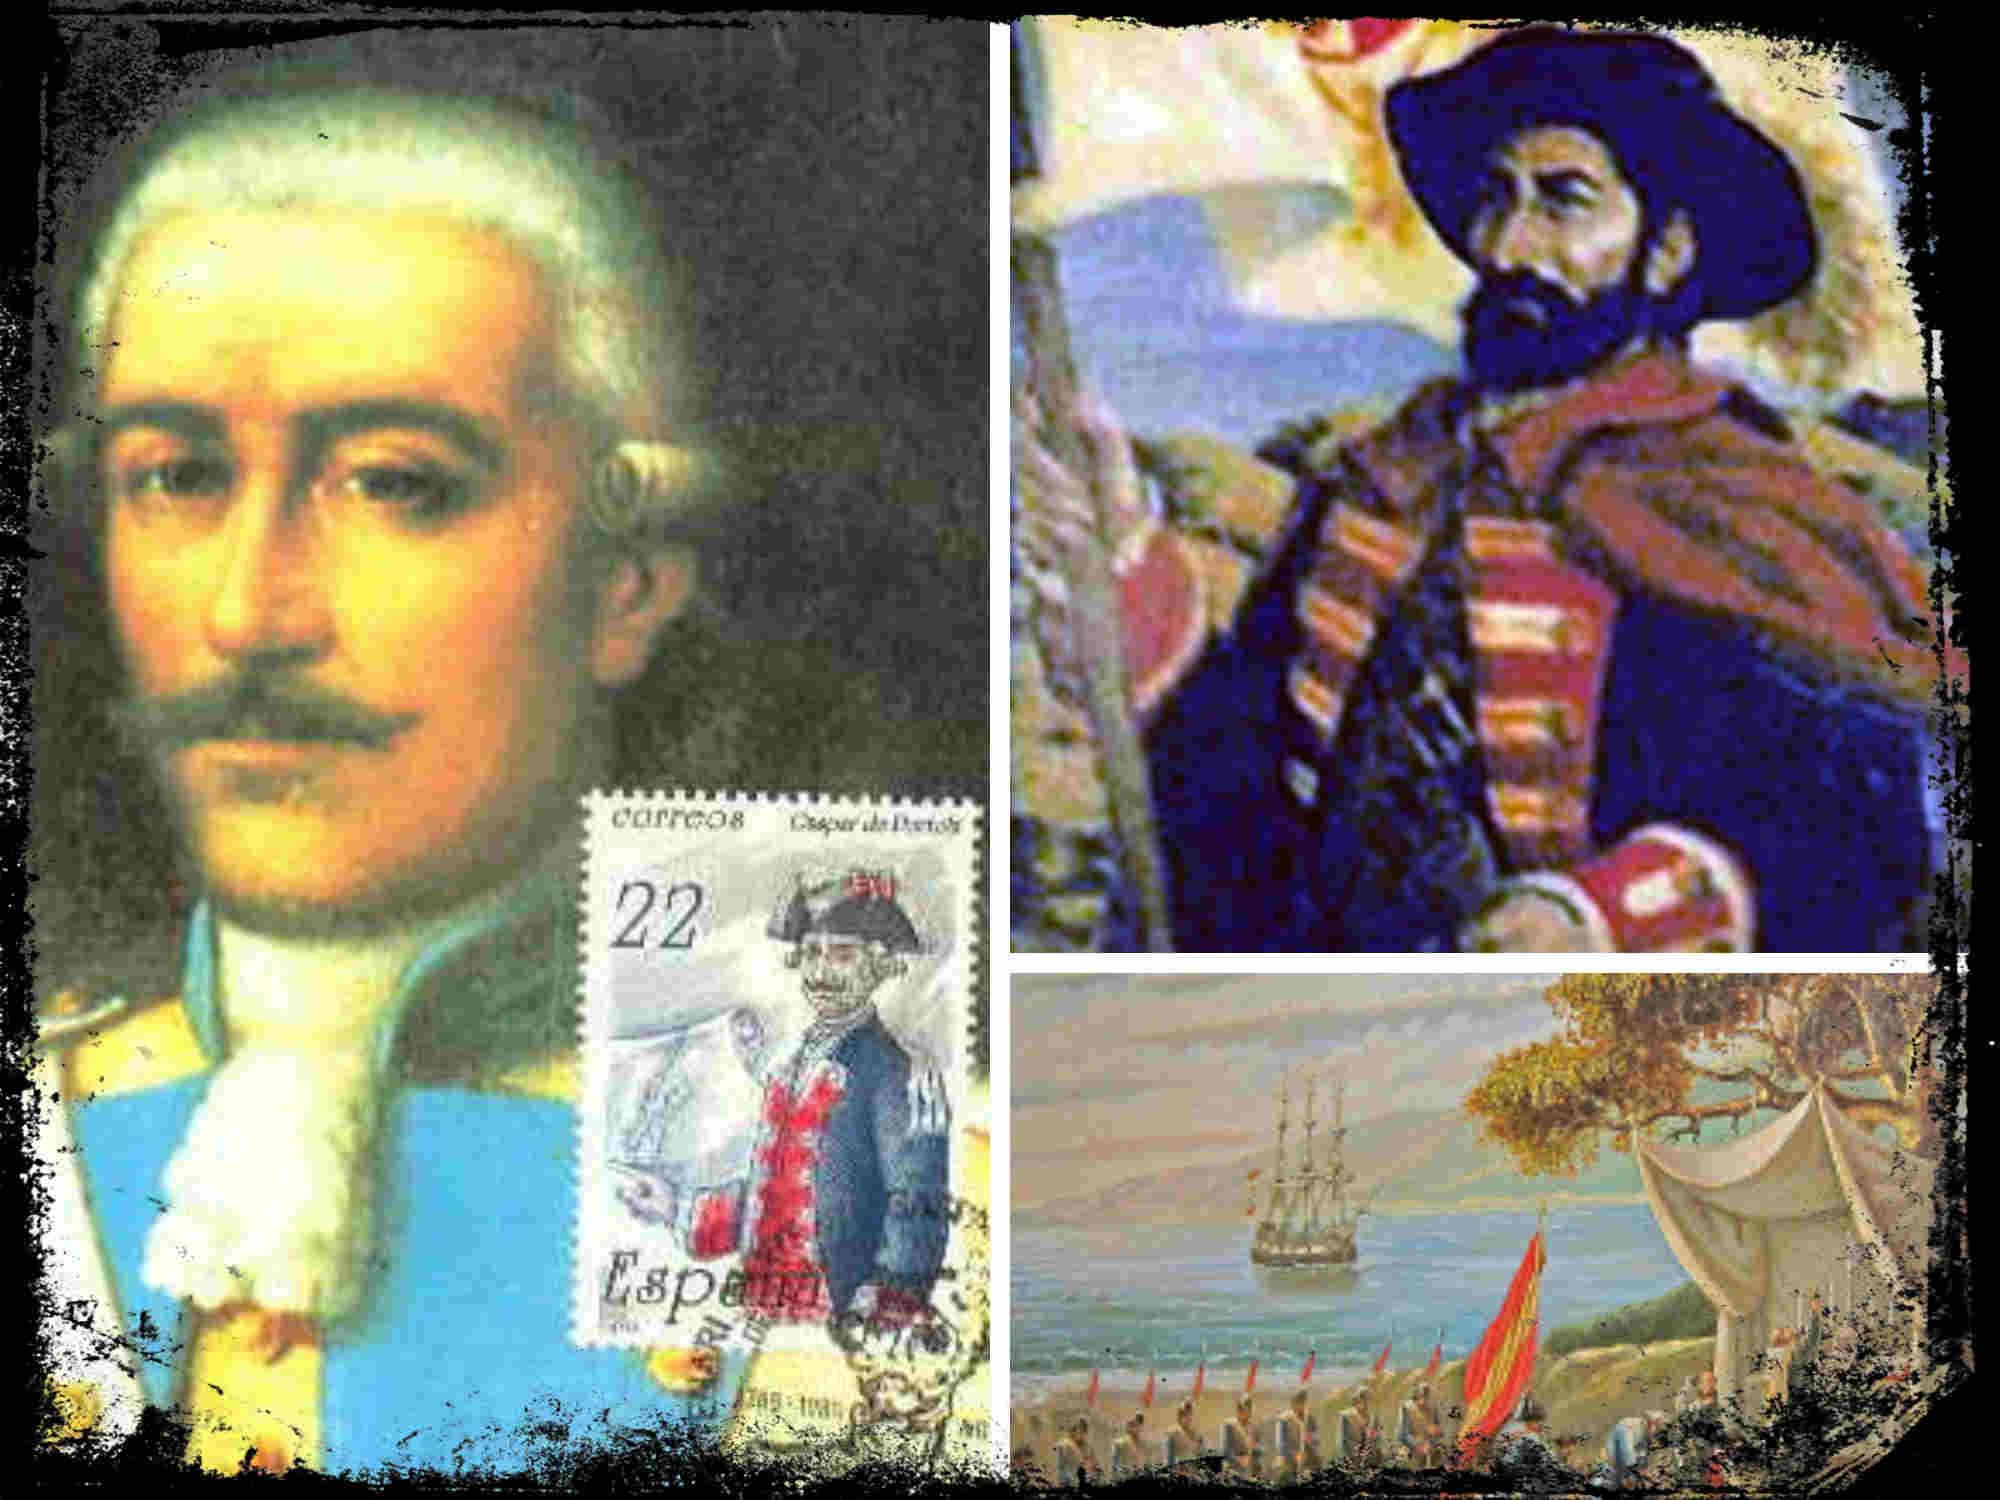 Gaspar de Portolá y la bahía de San Francisco